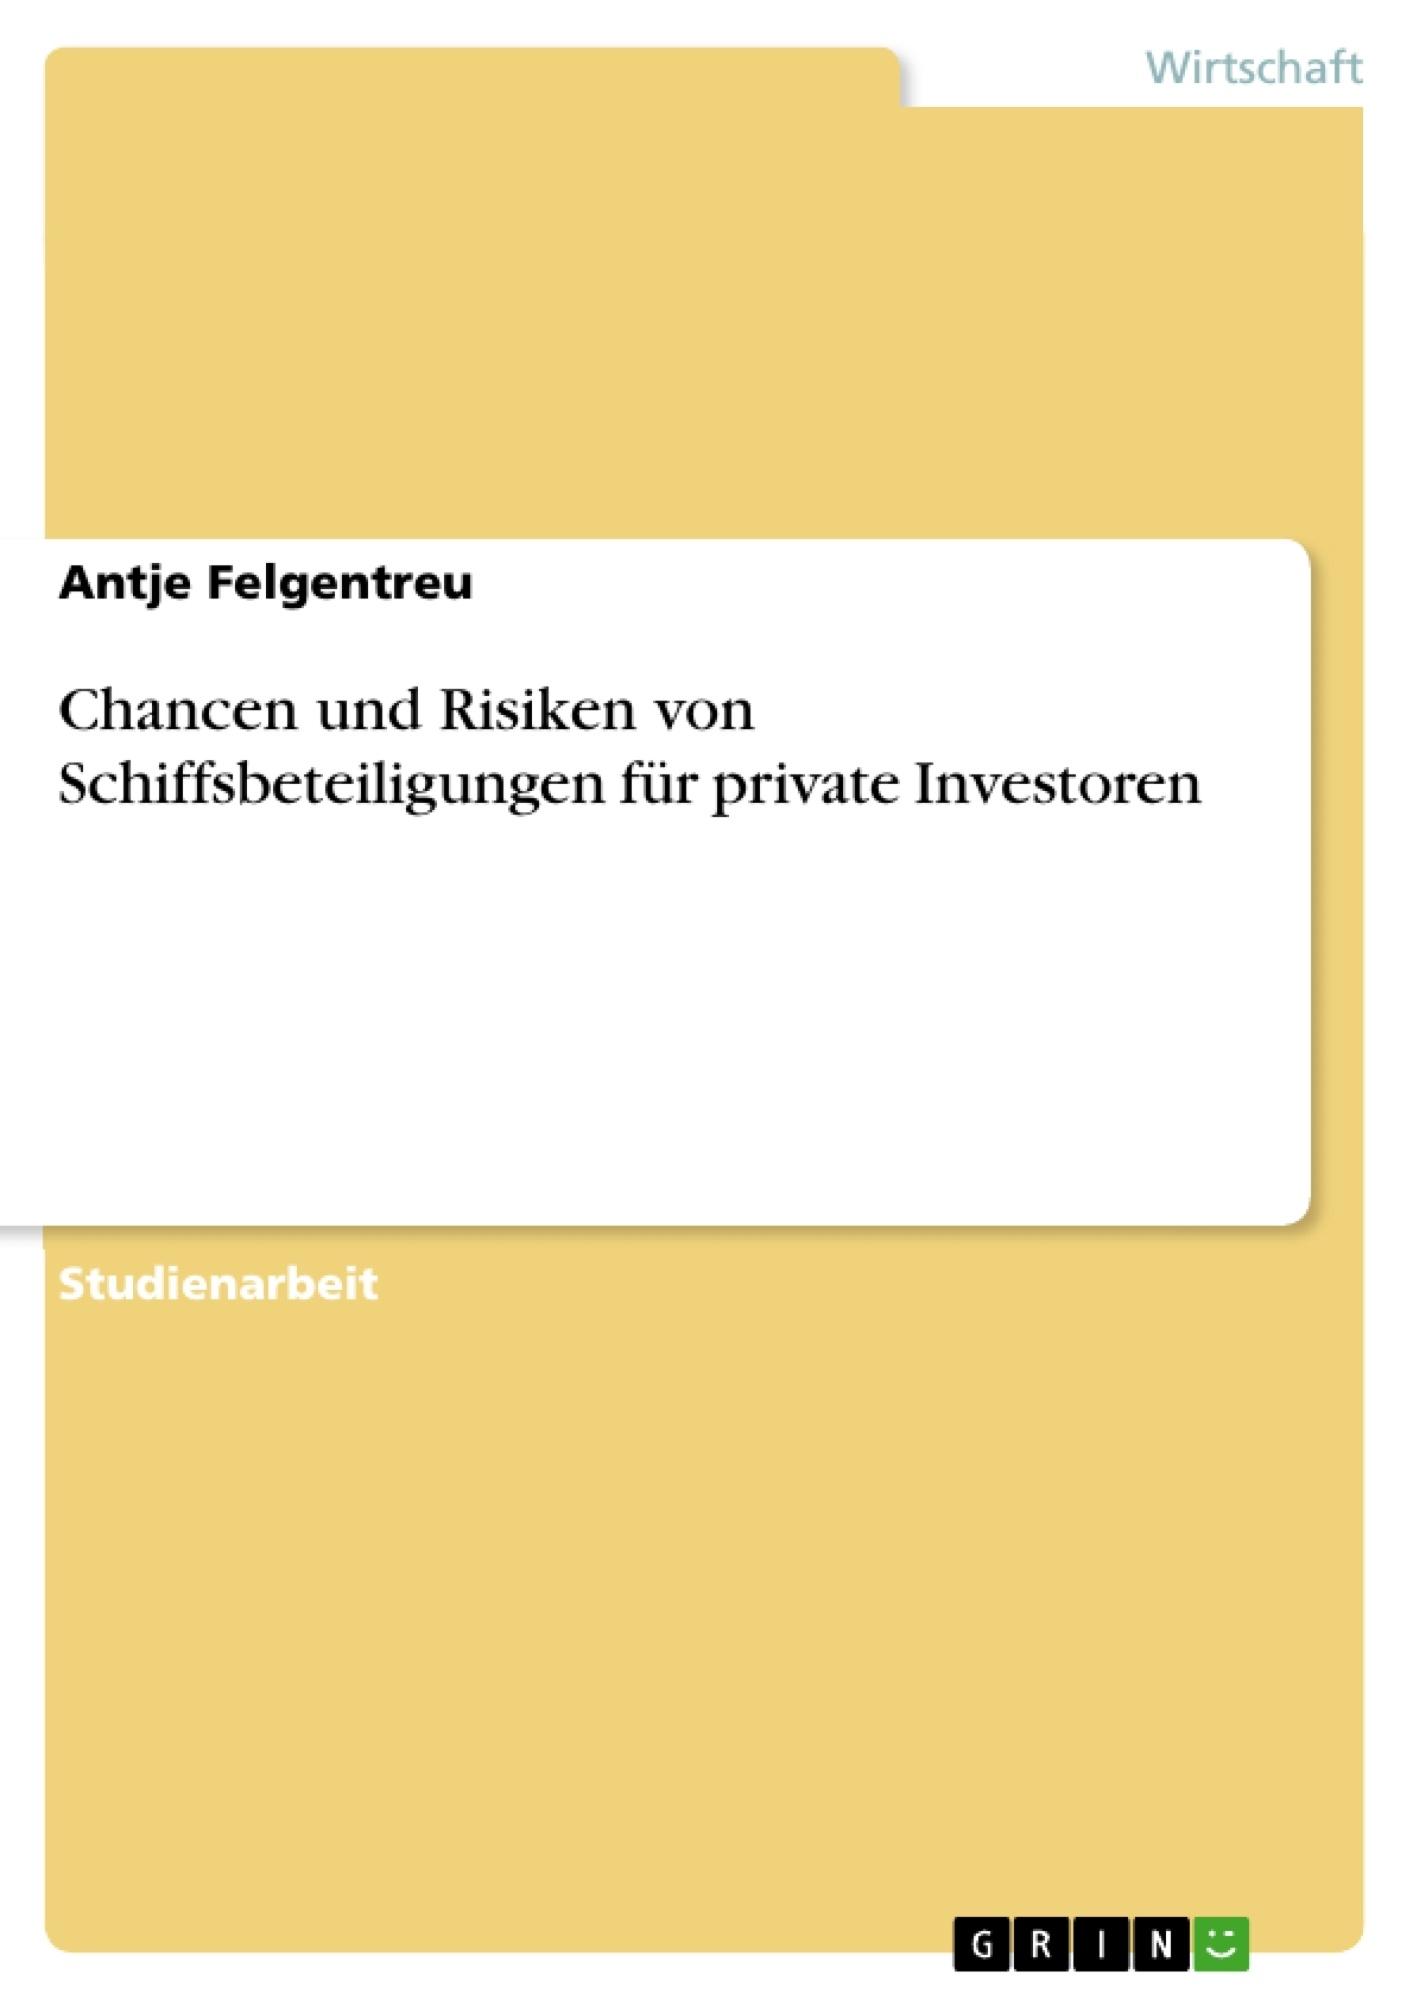 Titel: Chancen und Risiken von Schiffsbeteiligungen für private Investoren